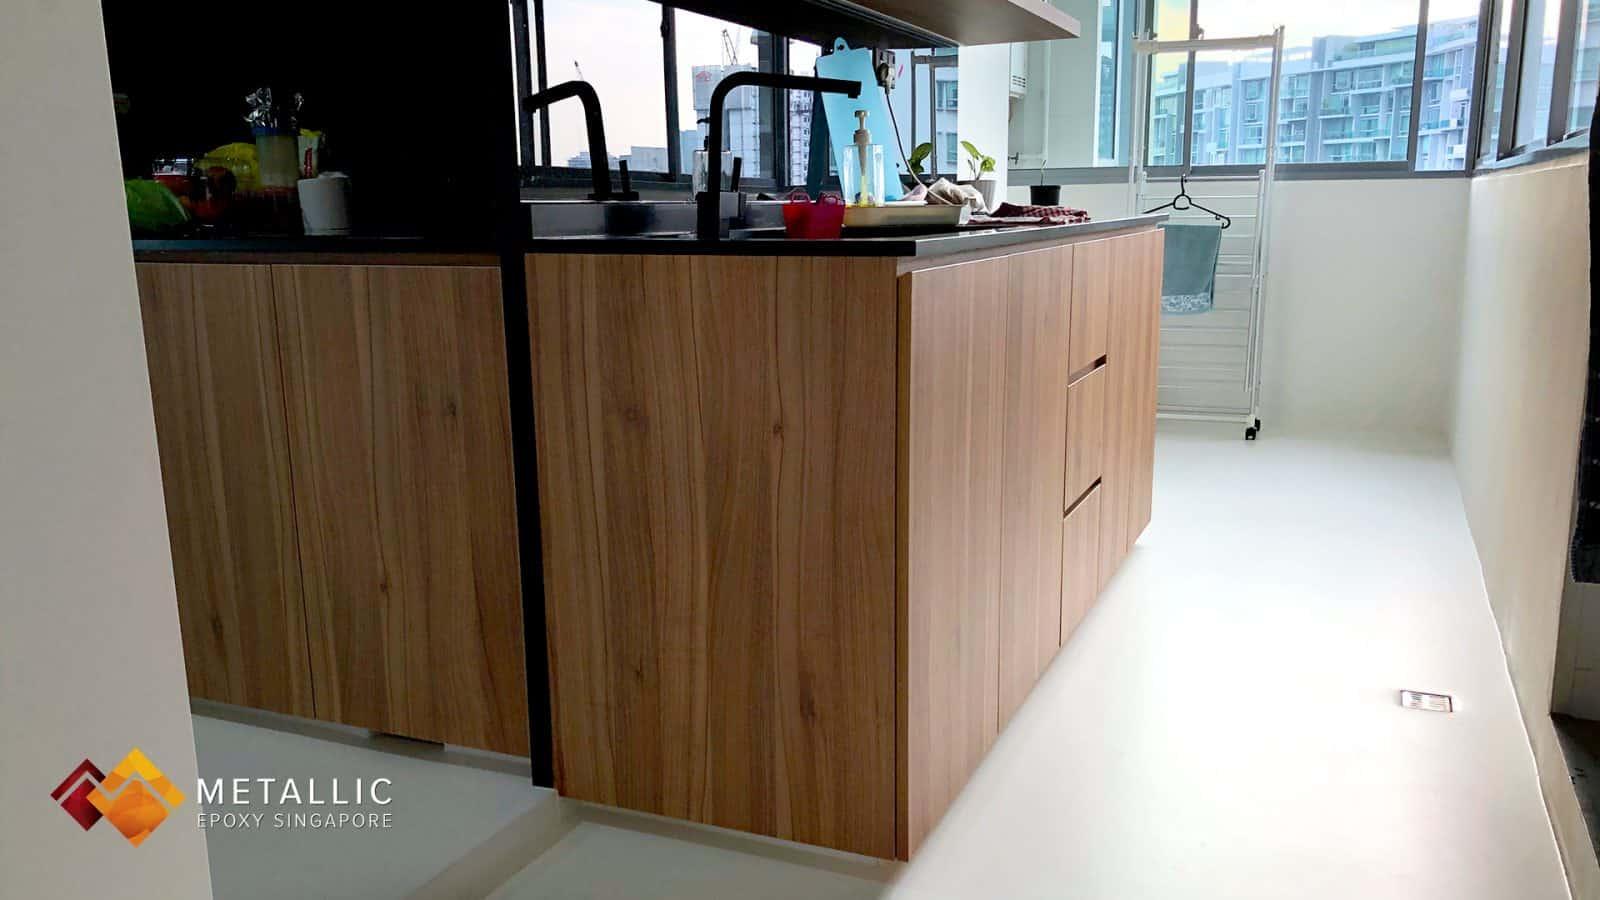 Metallic Epoxy Singapore Pure White Marble Theme Design Flooring